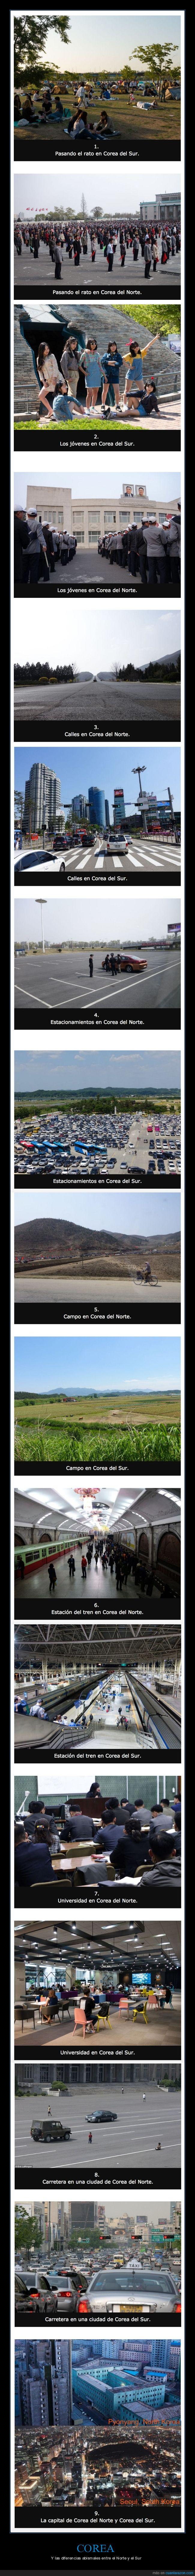 corea del norte,corea del sur,diferencias,korea